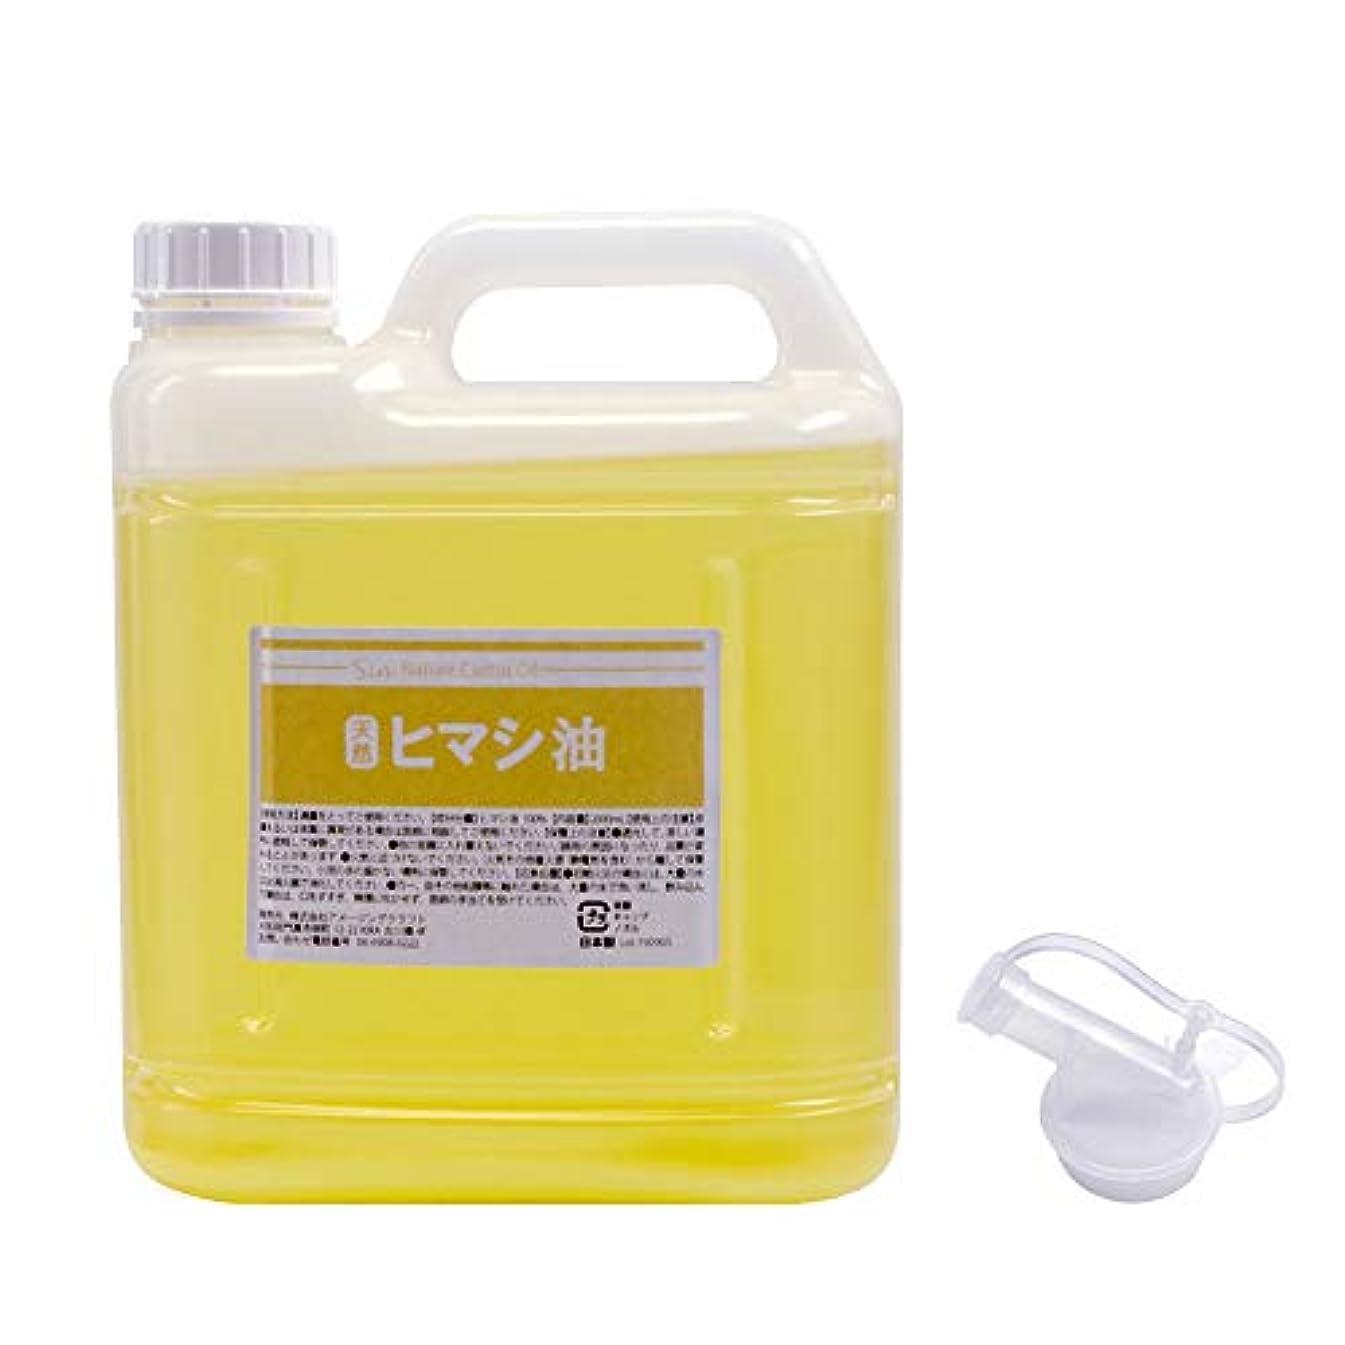 テーマの面では市町村天然無添加 国内精製ひまし油 (キャスターオイル) 2000ml 2L